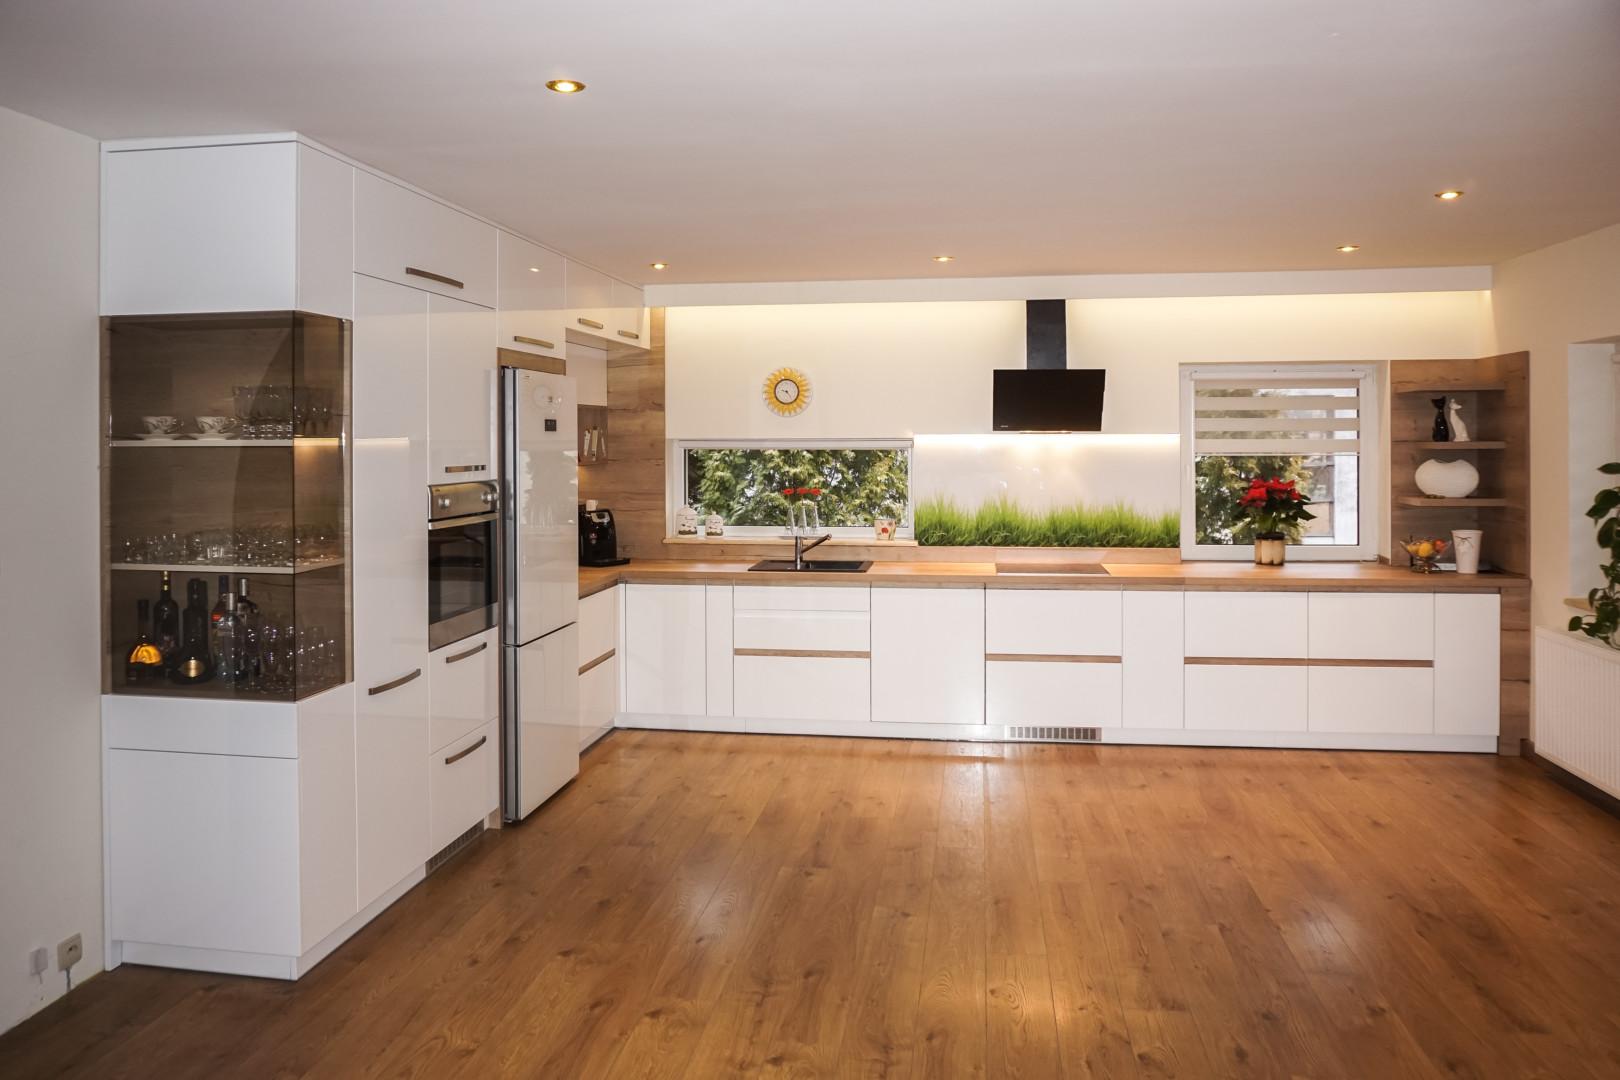 Kuchnia polaczenie bieli i drewna 8